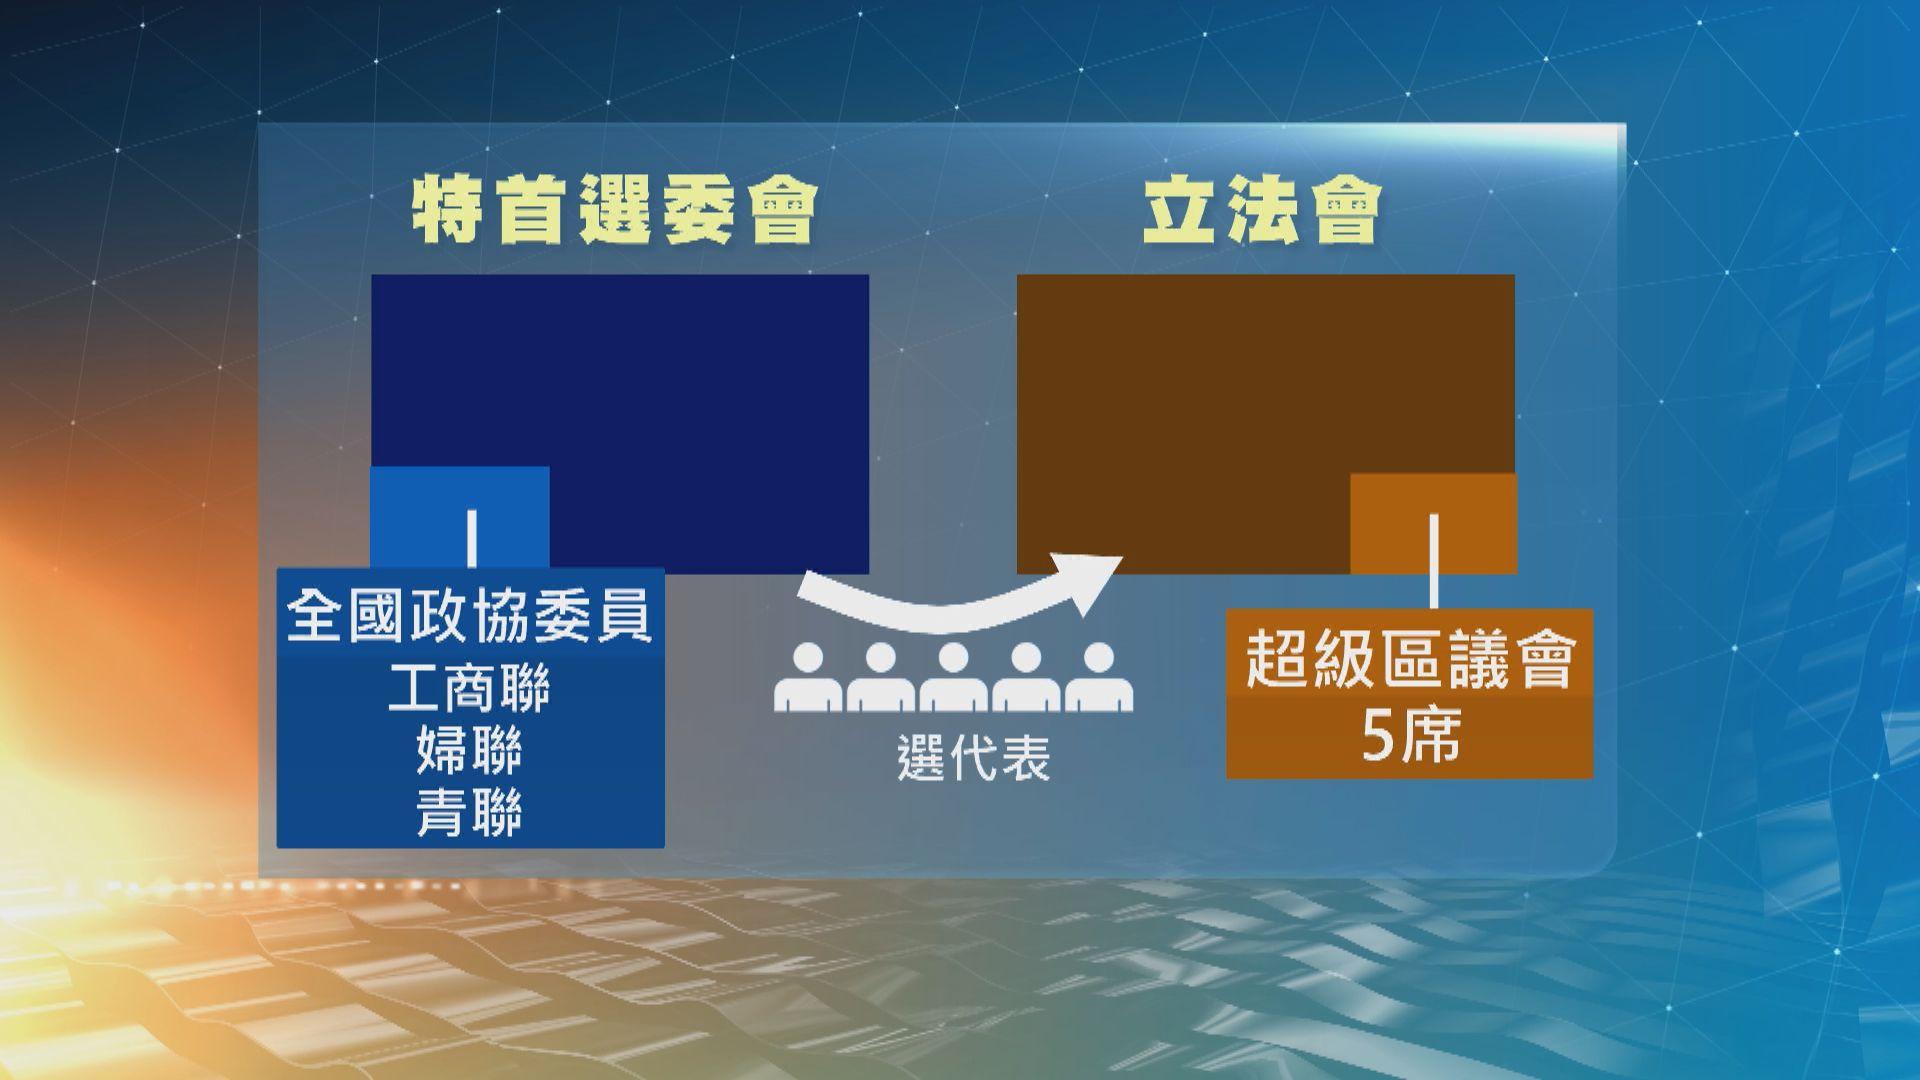 范太:區議會屬非政權組織 立會選委會議席應取消